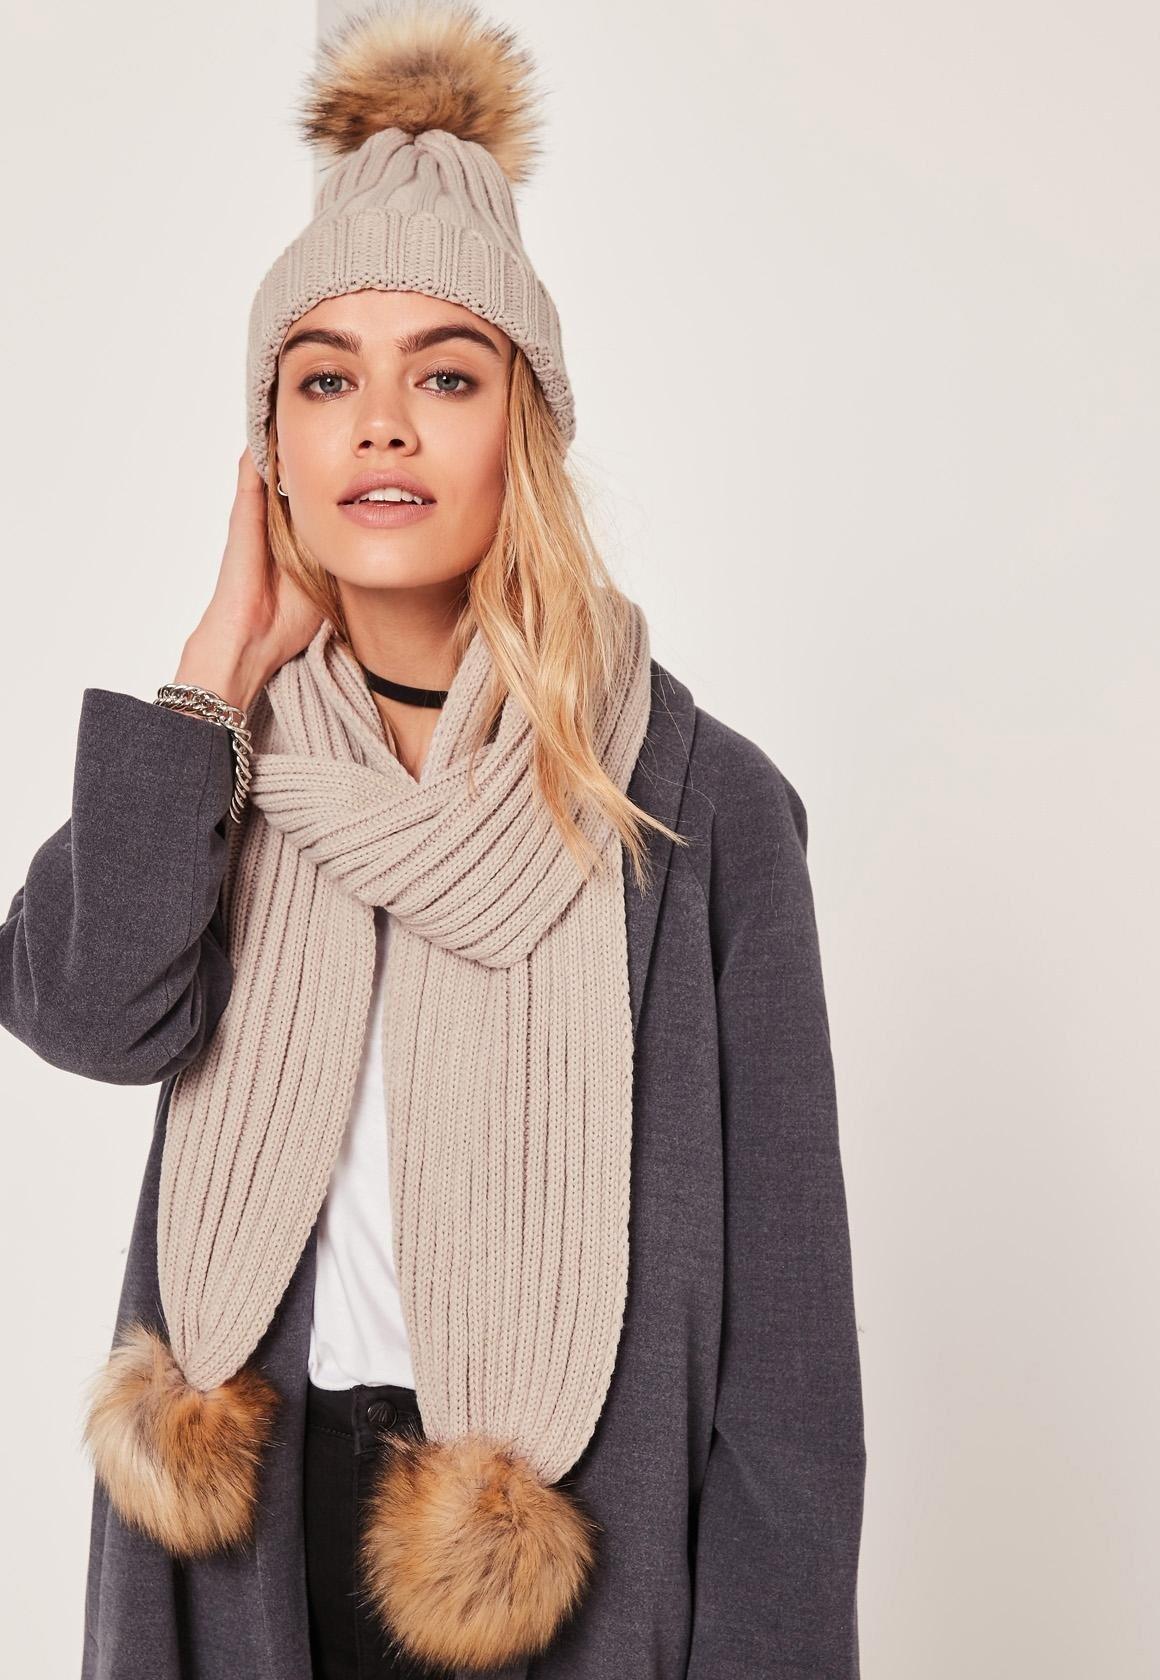 светлая шапка и шарф с помпонами